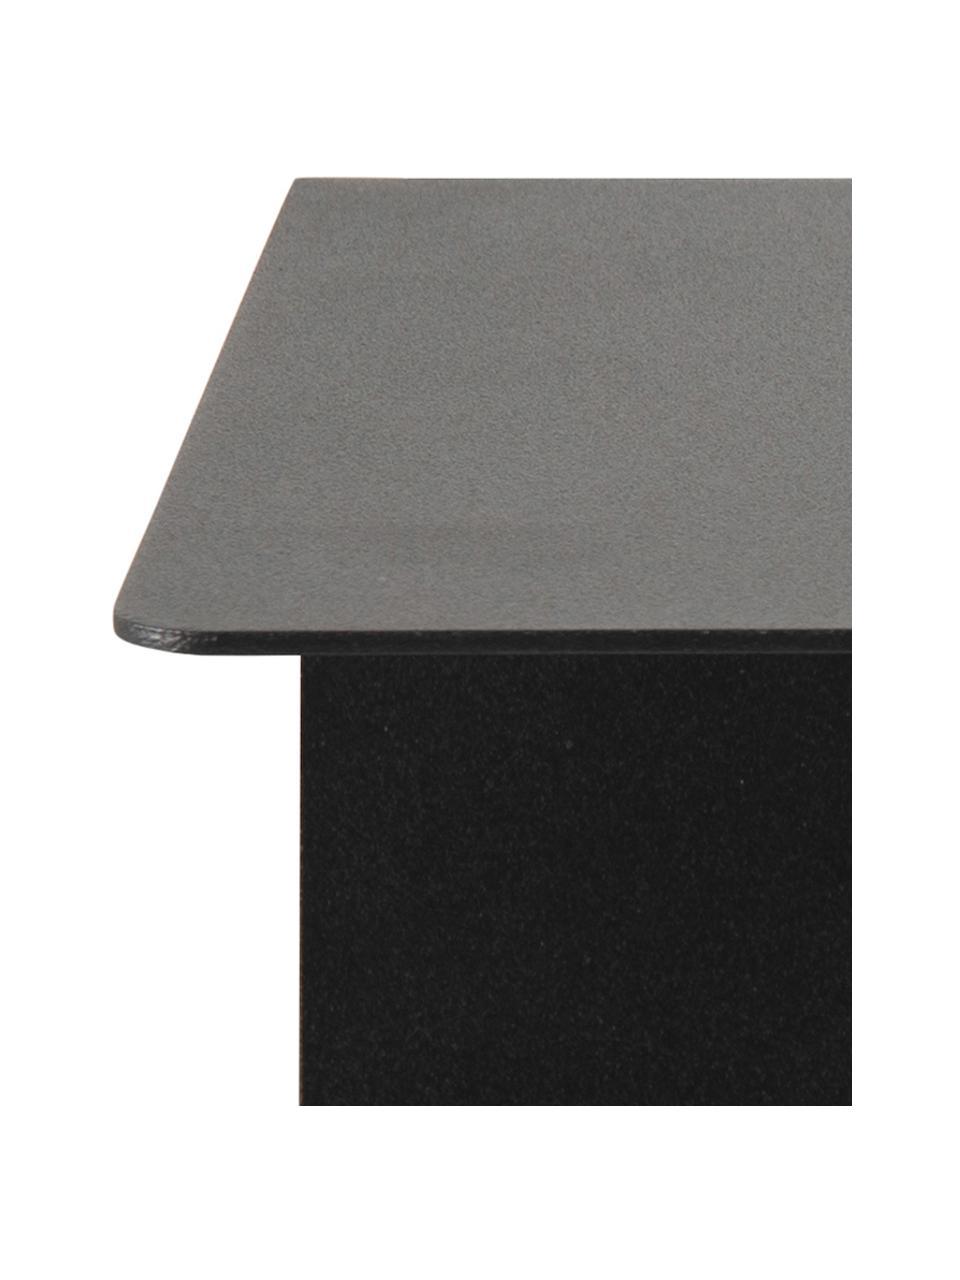 Mensola in metallo nero Neptun 2 pz, Metallo verniciato a polvere, Nero, Larg. 35 x Alt. 14 cm